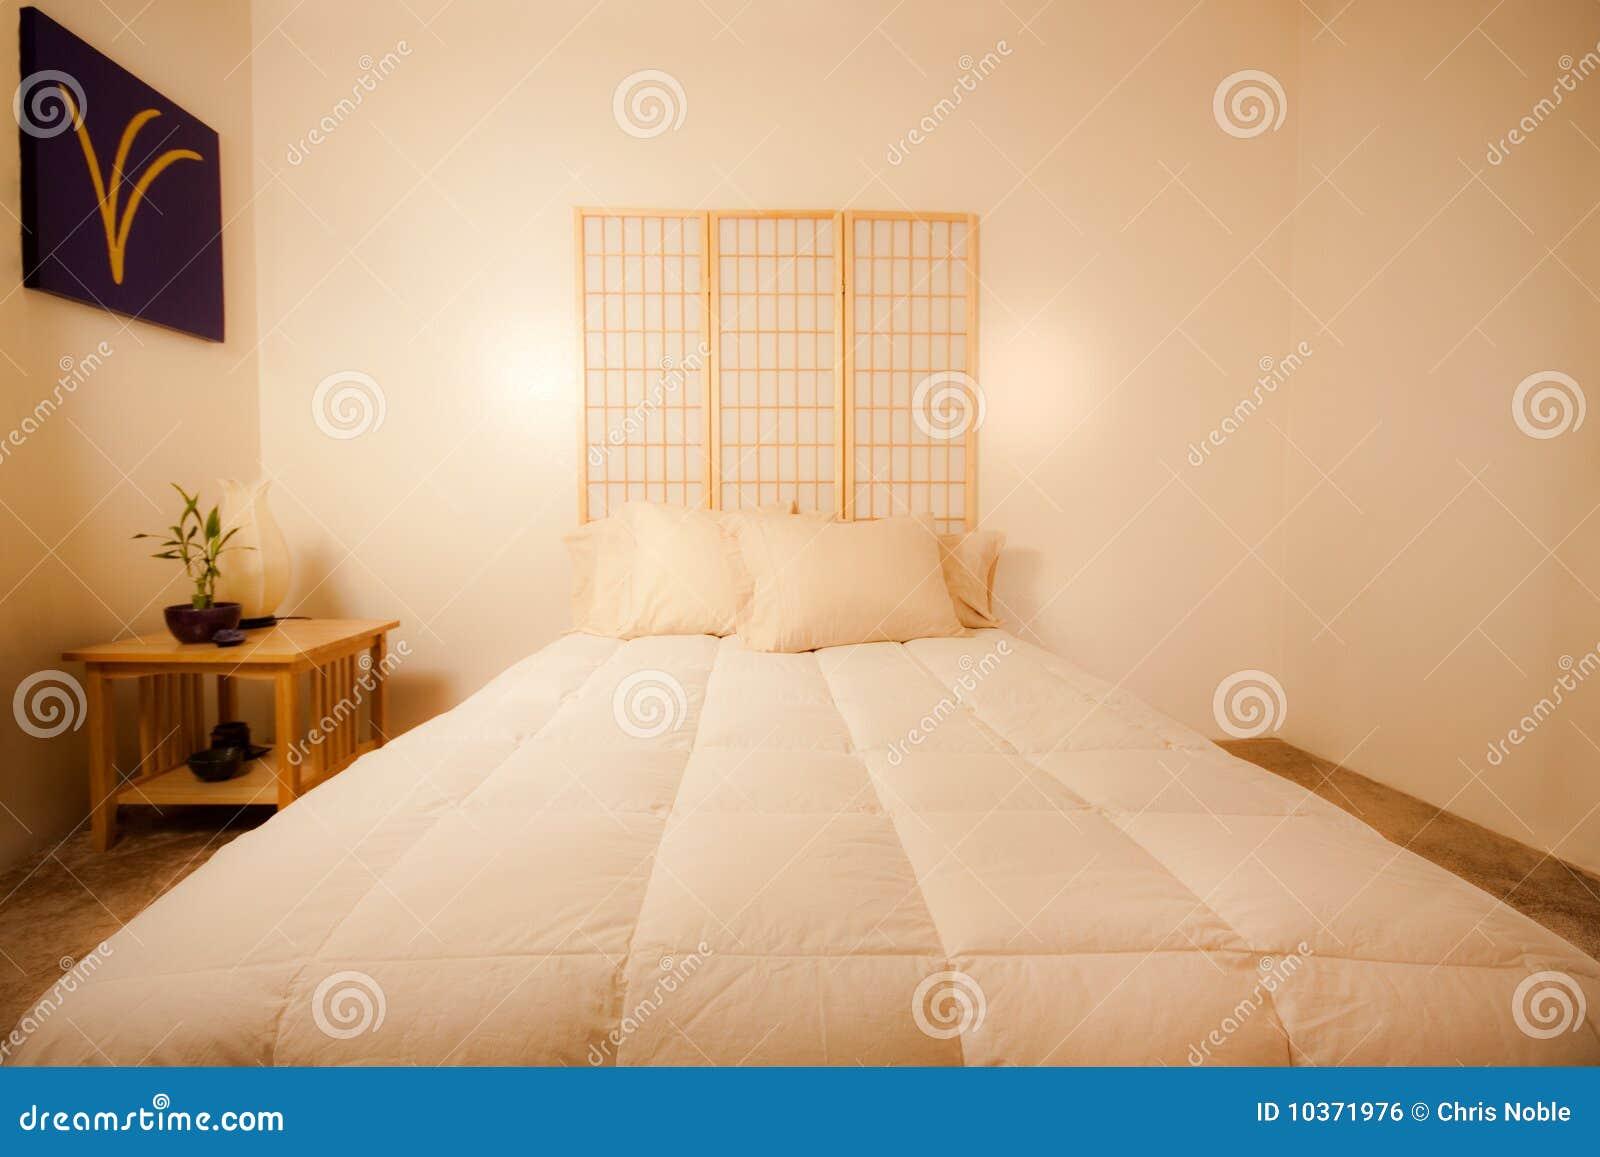 Bleu chambre feng shui for Chambre a coucher feng shui